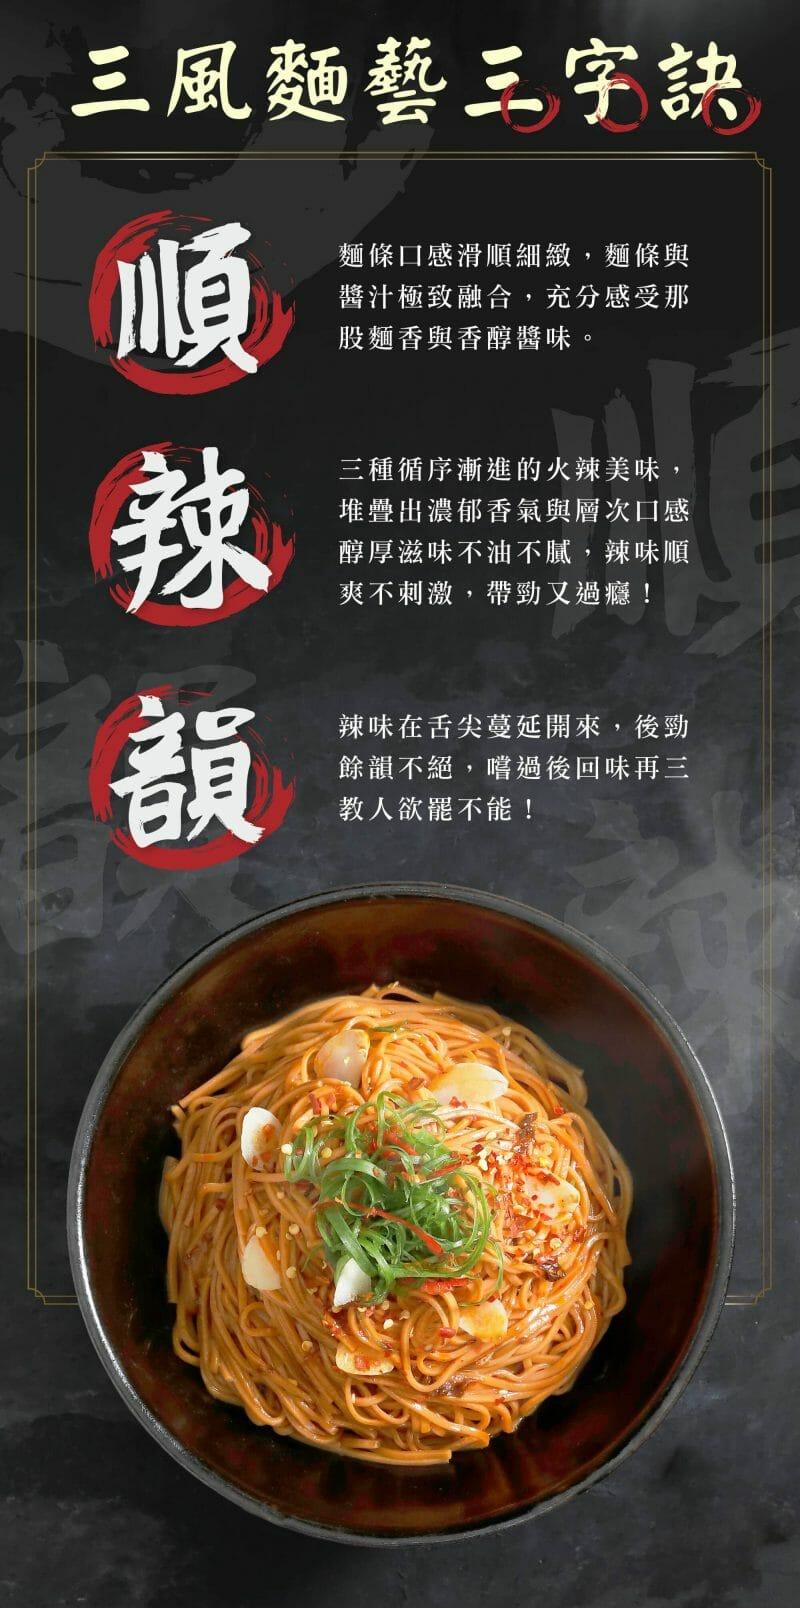 辣椒乾拌麵(香蒜黃金椒) - 11